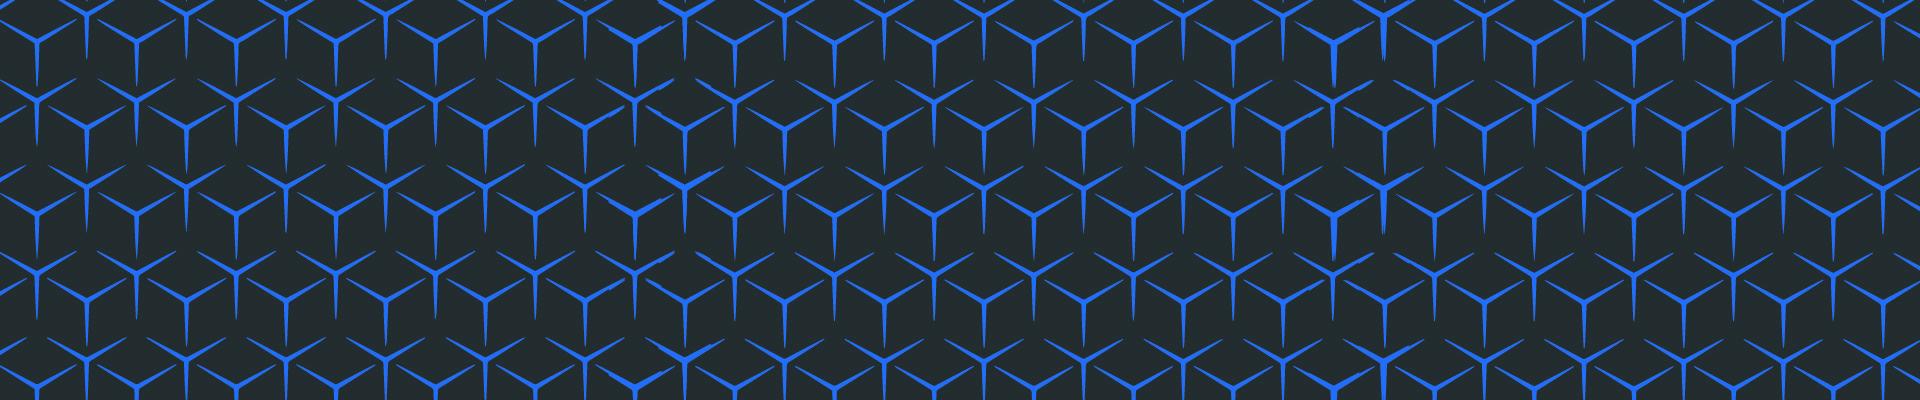 Cyberbit SOC 3D